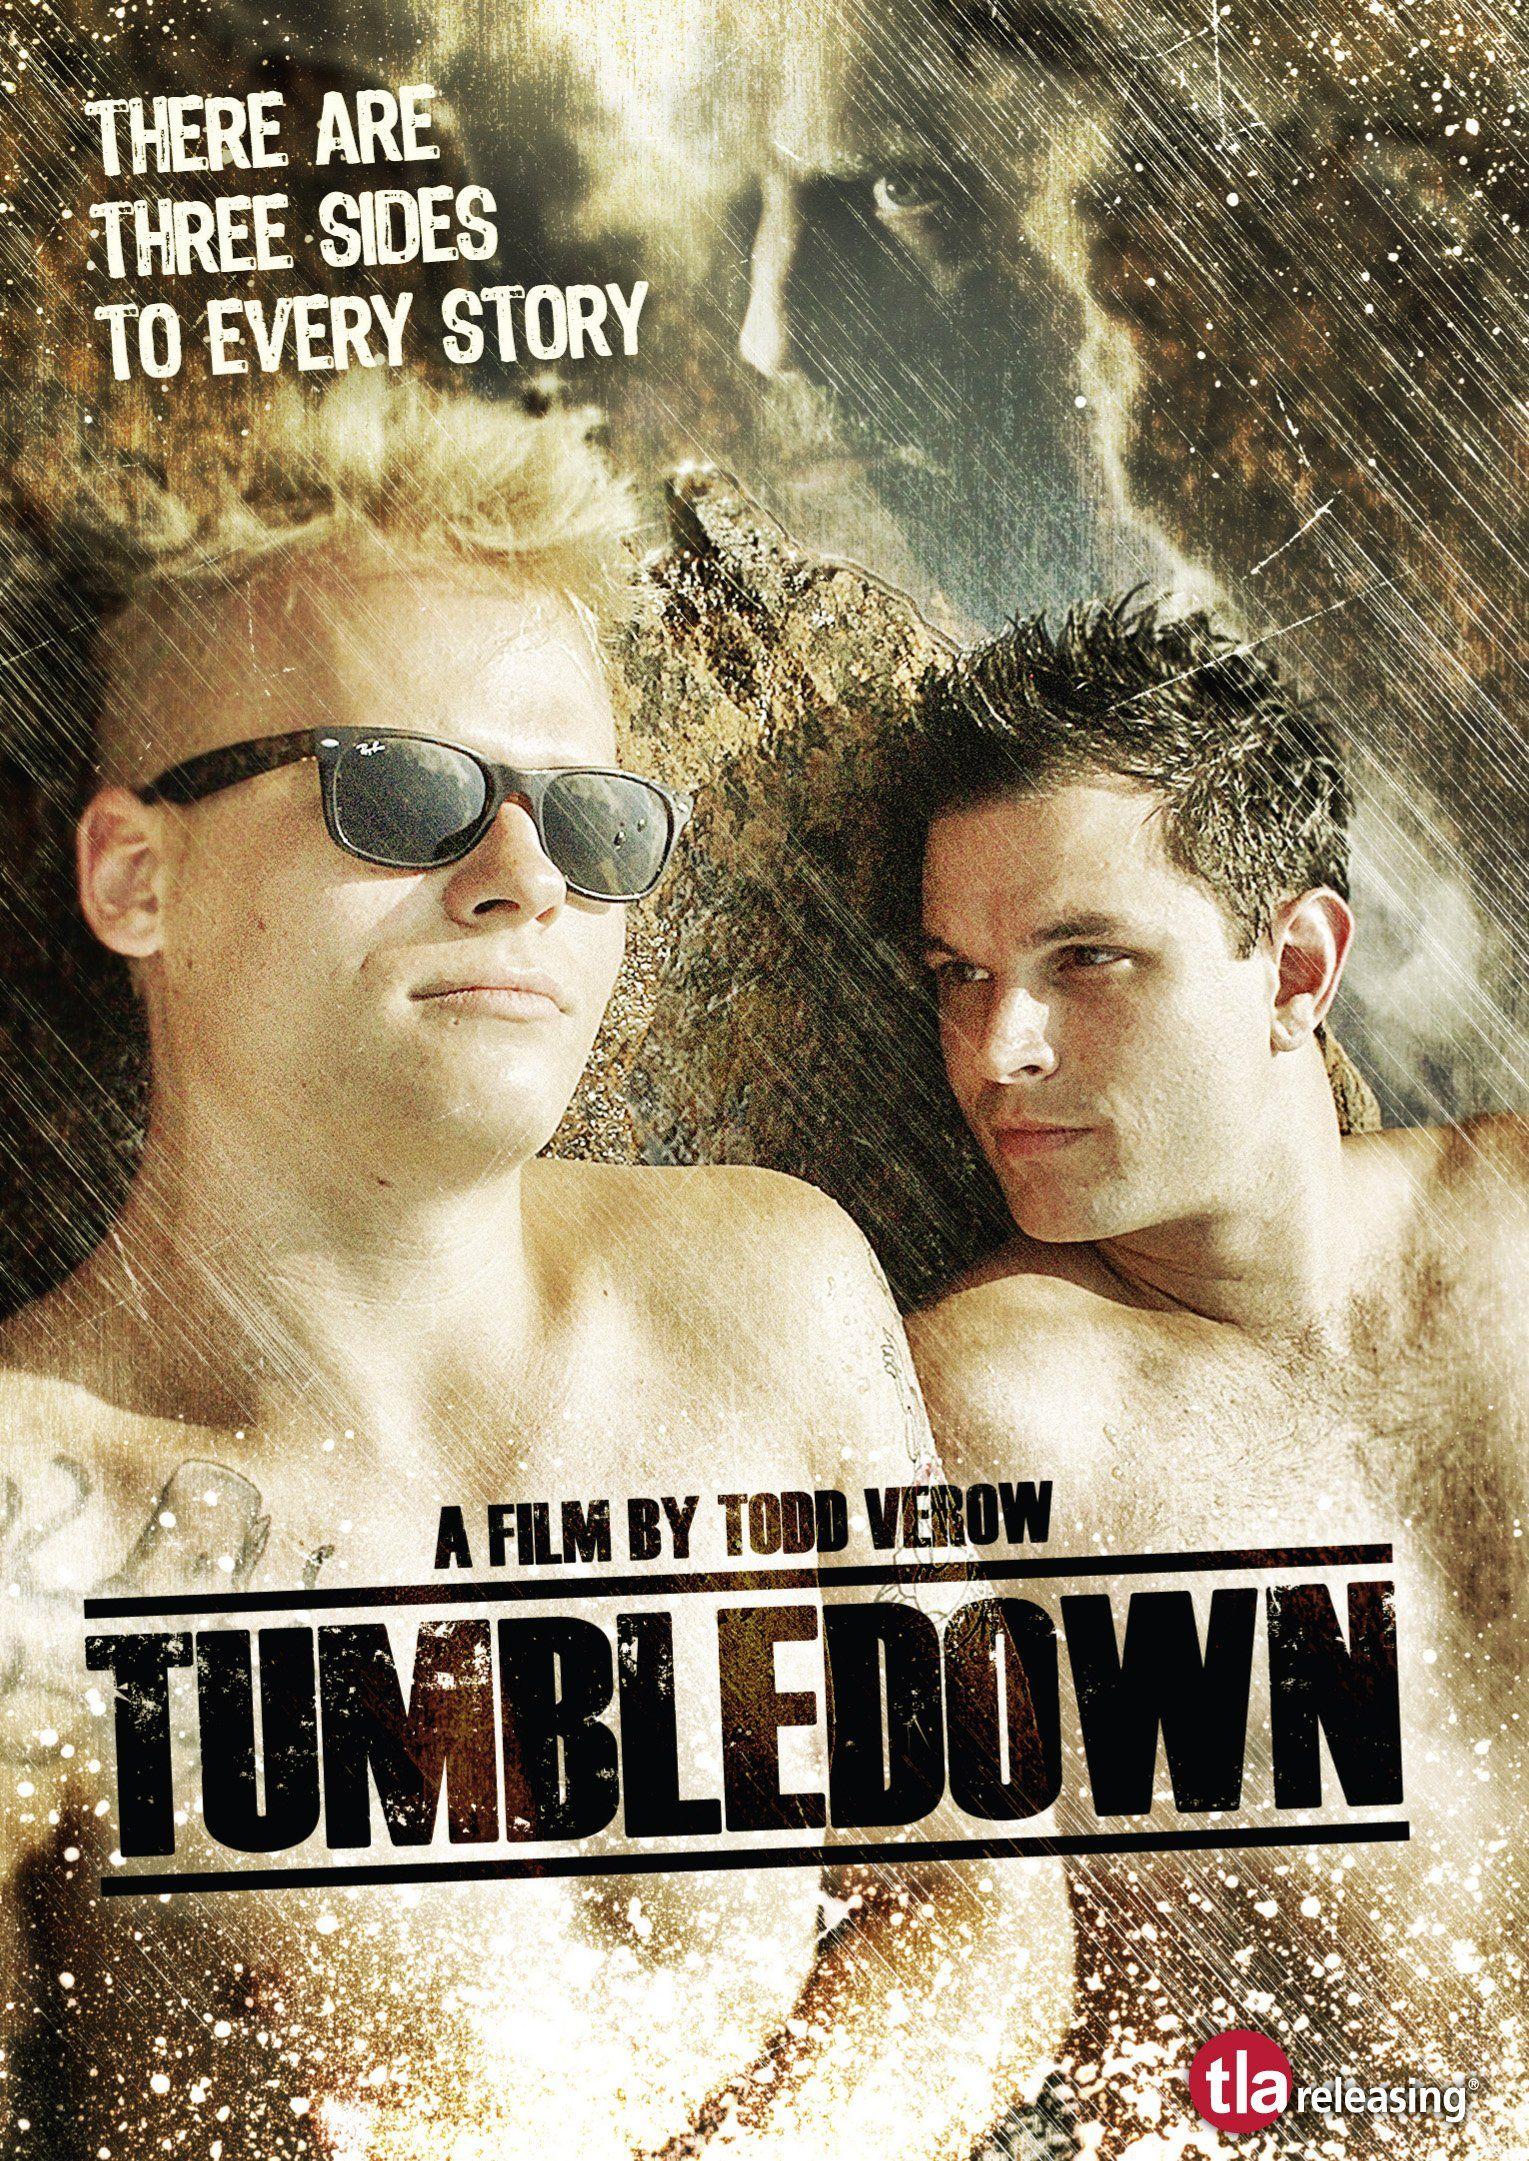 Tla gay dvd